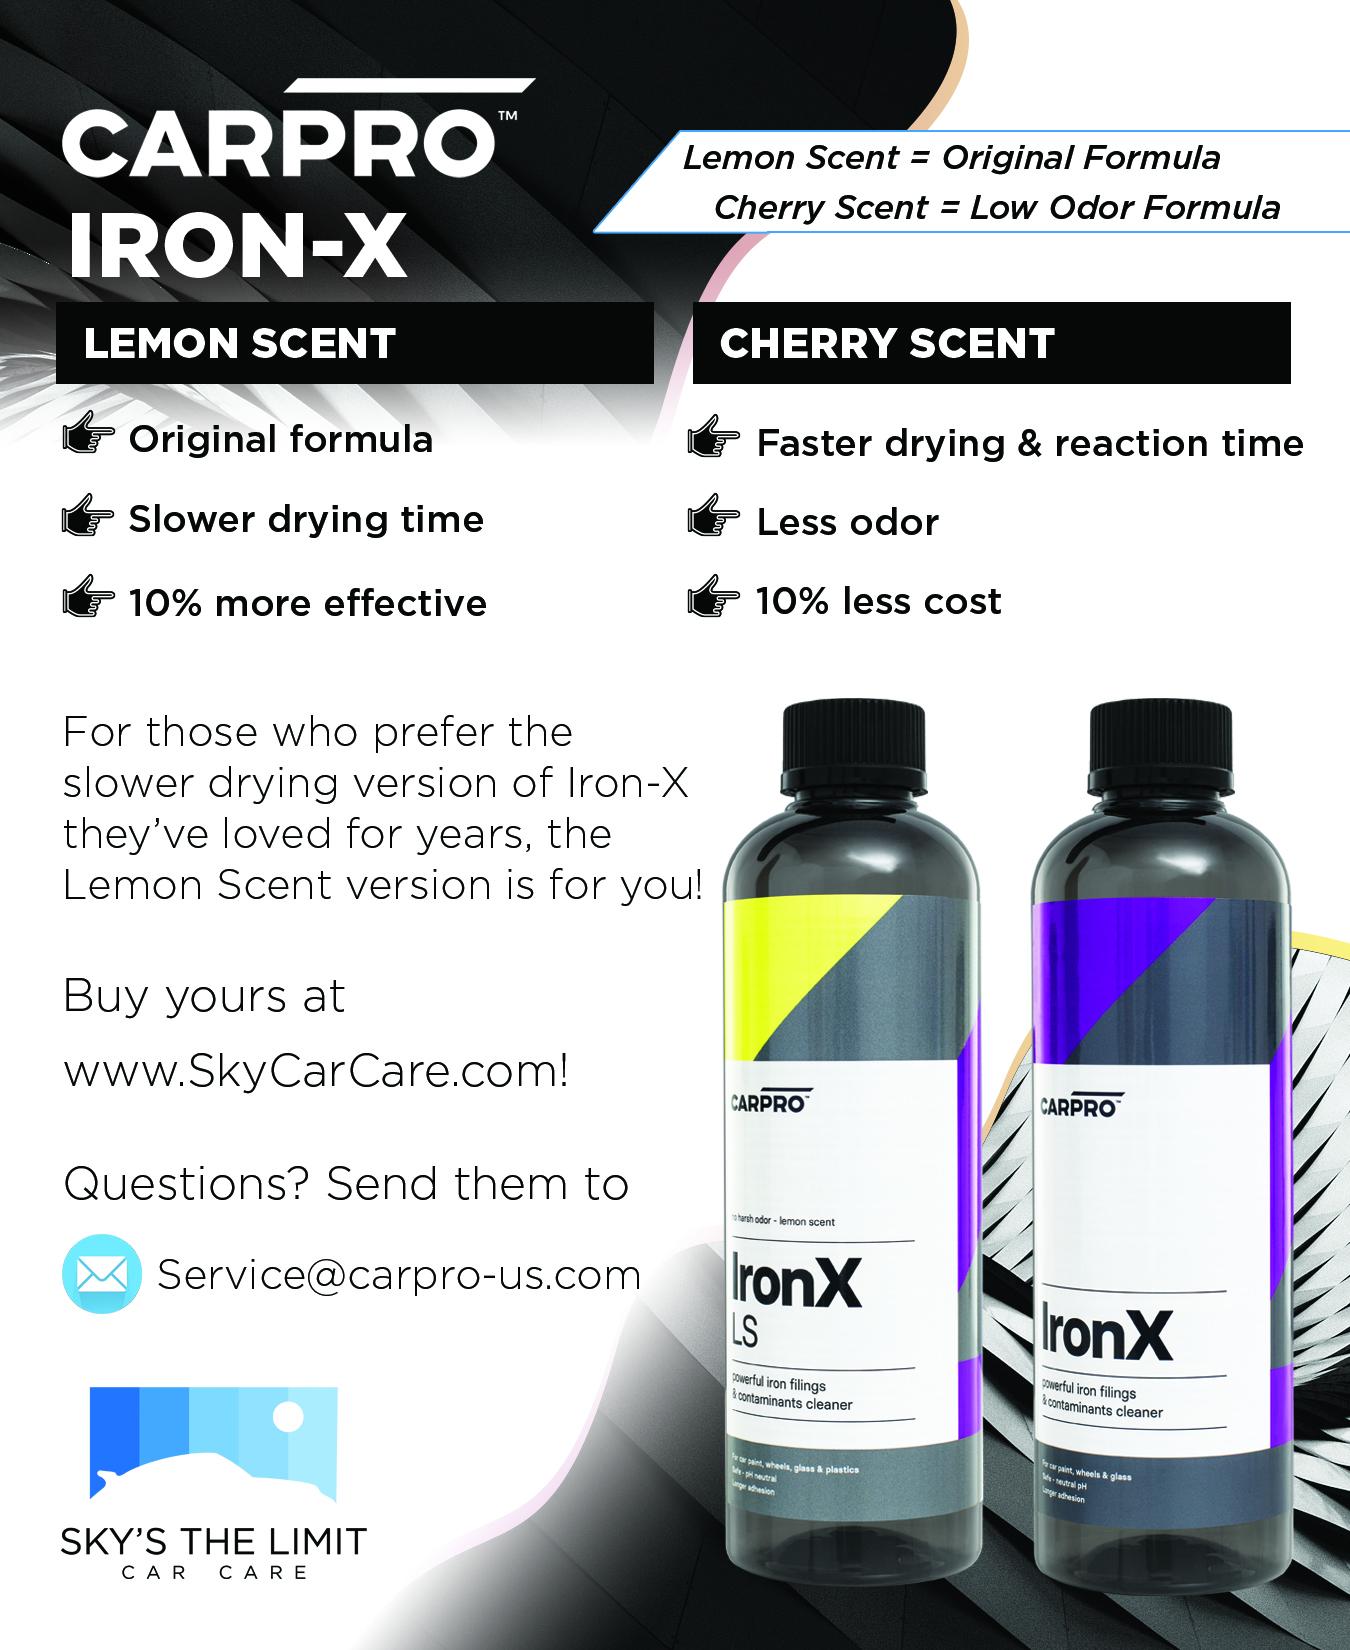 lemon-scent-flyer-ready-for-upload.jpg